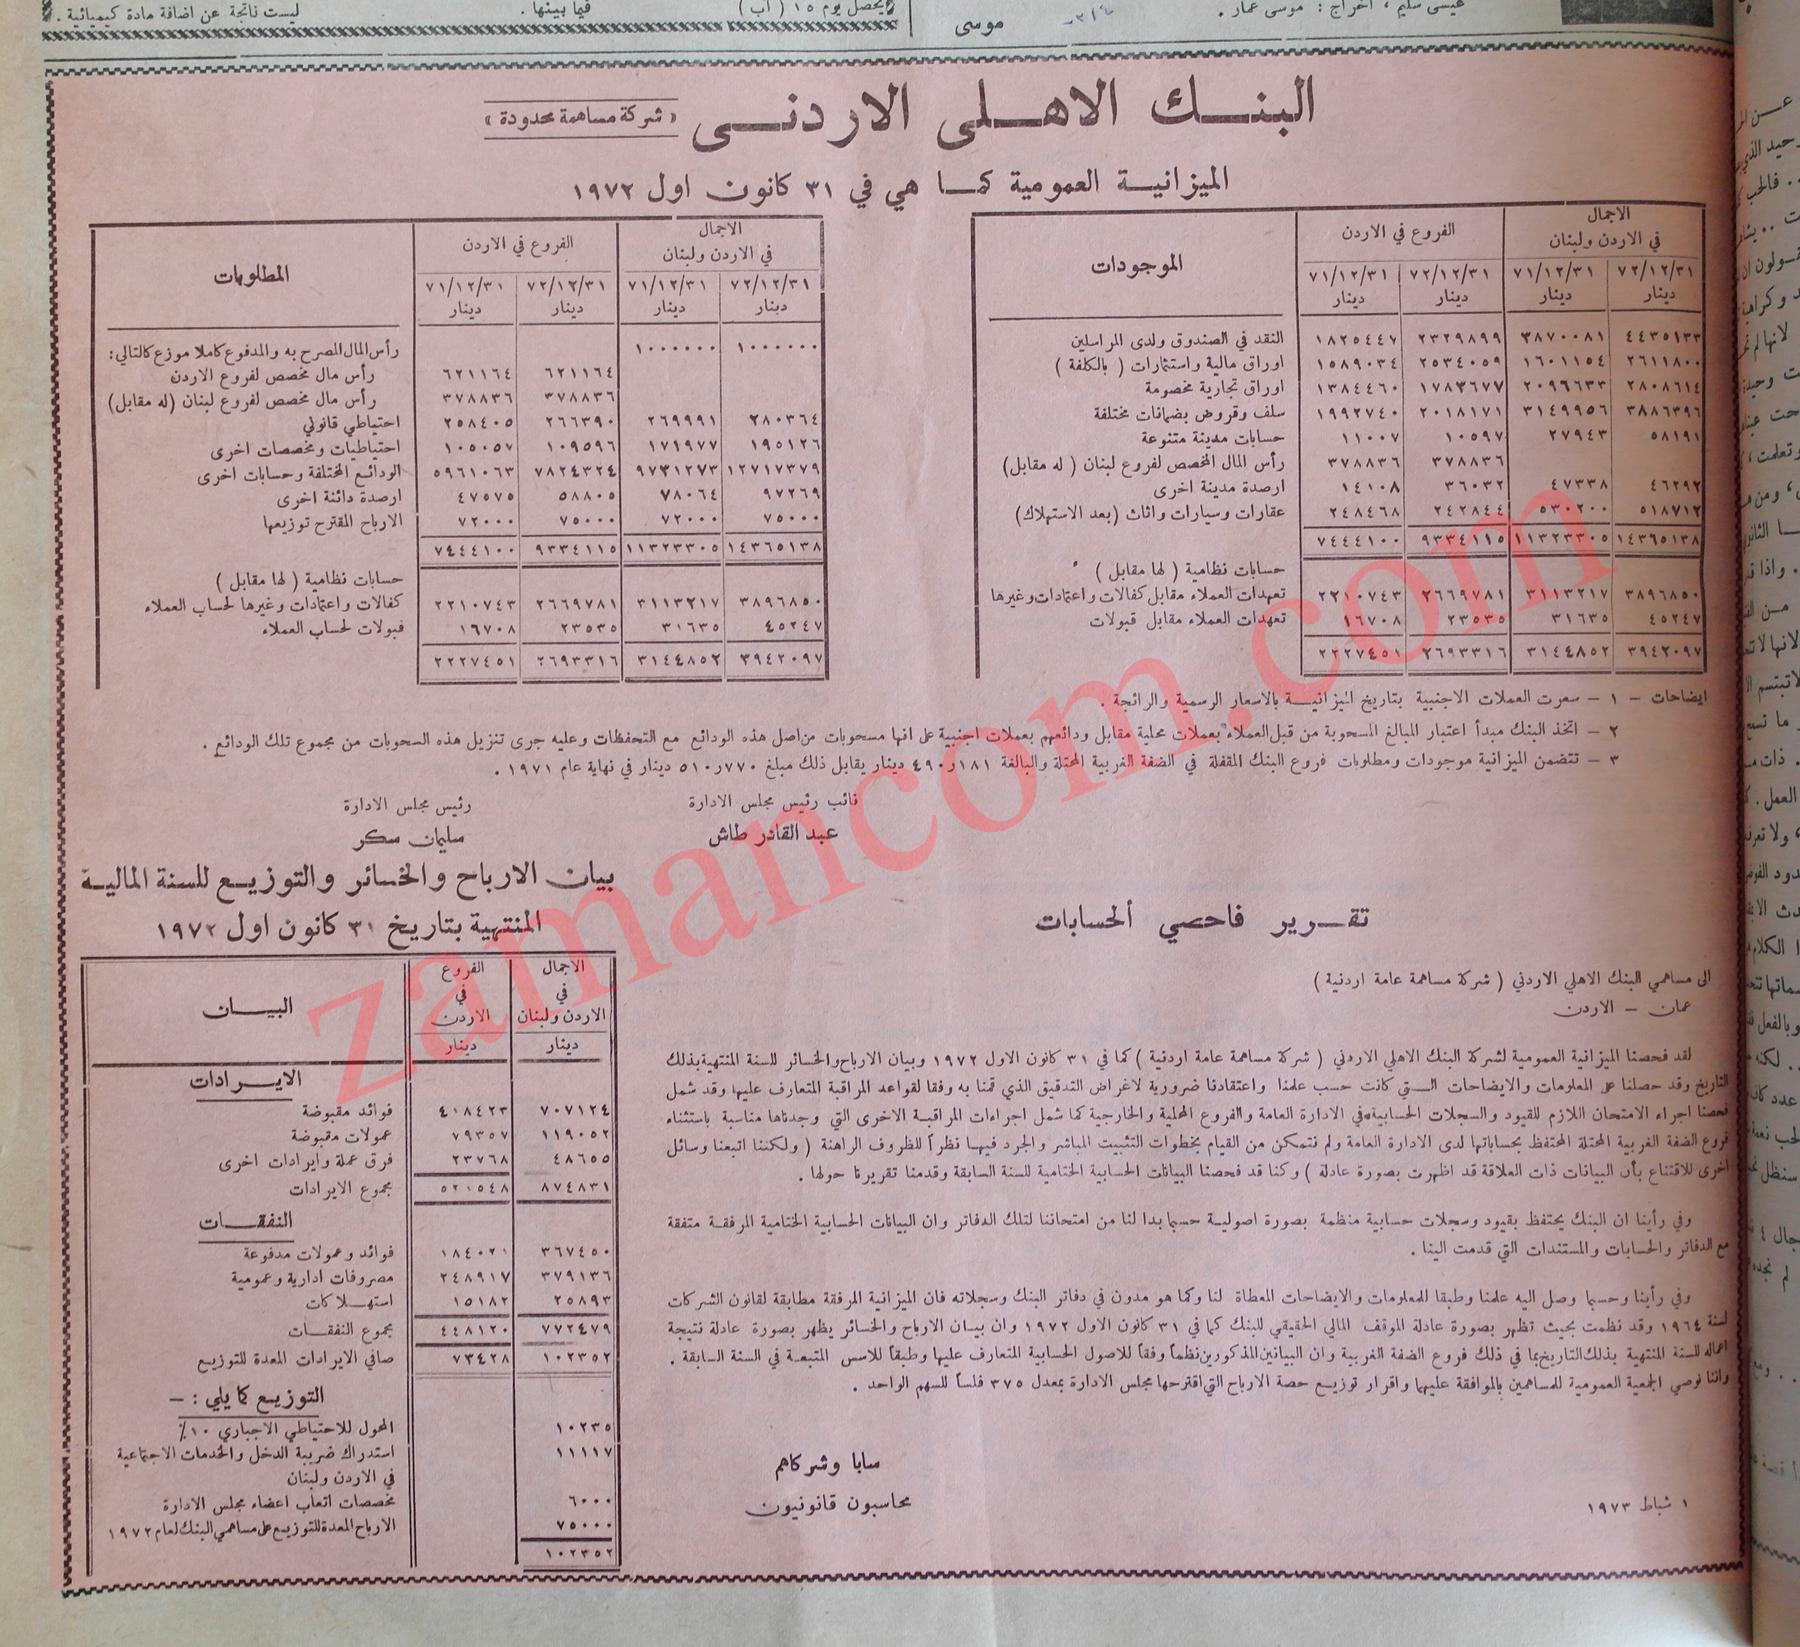 الميزانية العمومية للبنك الأهلي الأردني للعام 1972